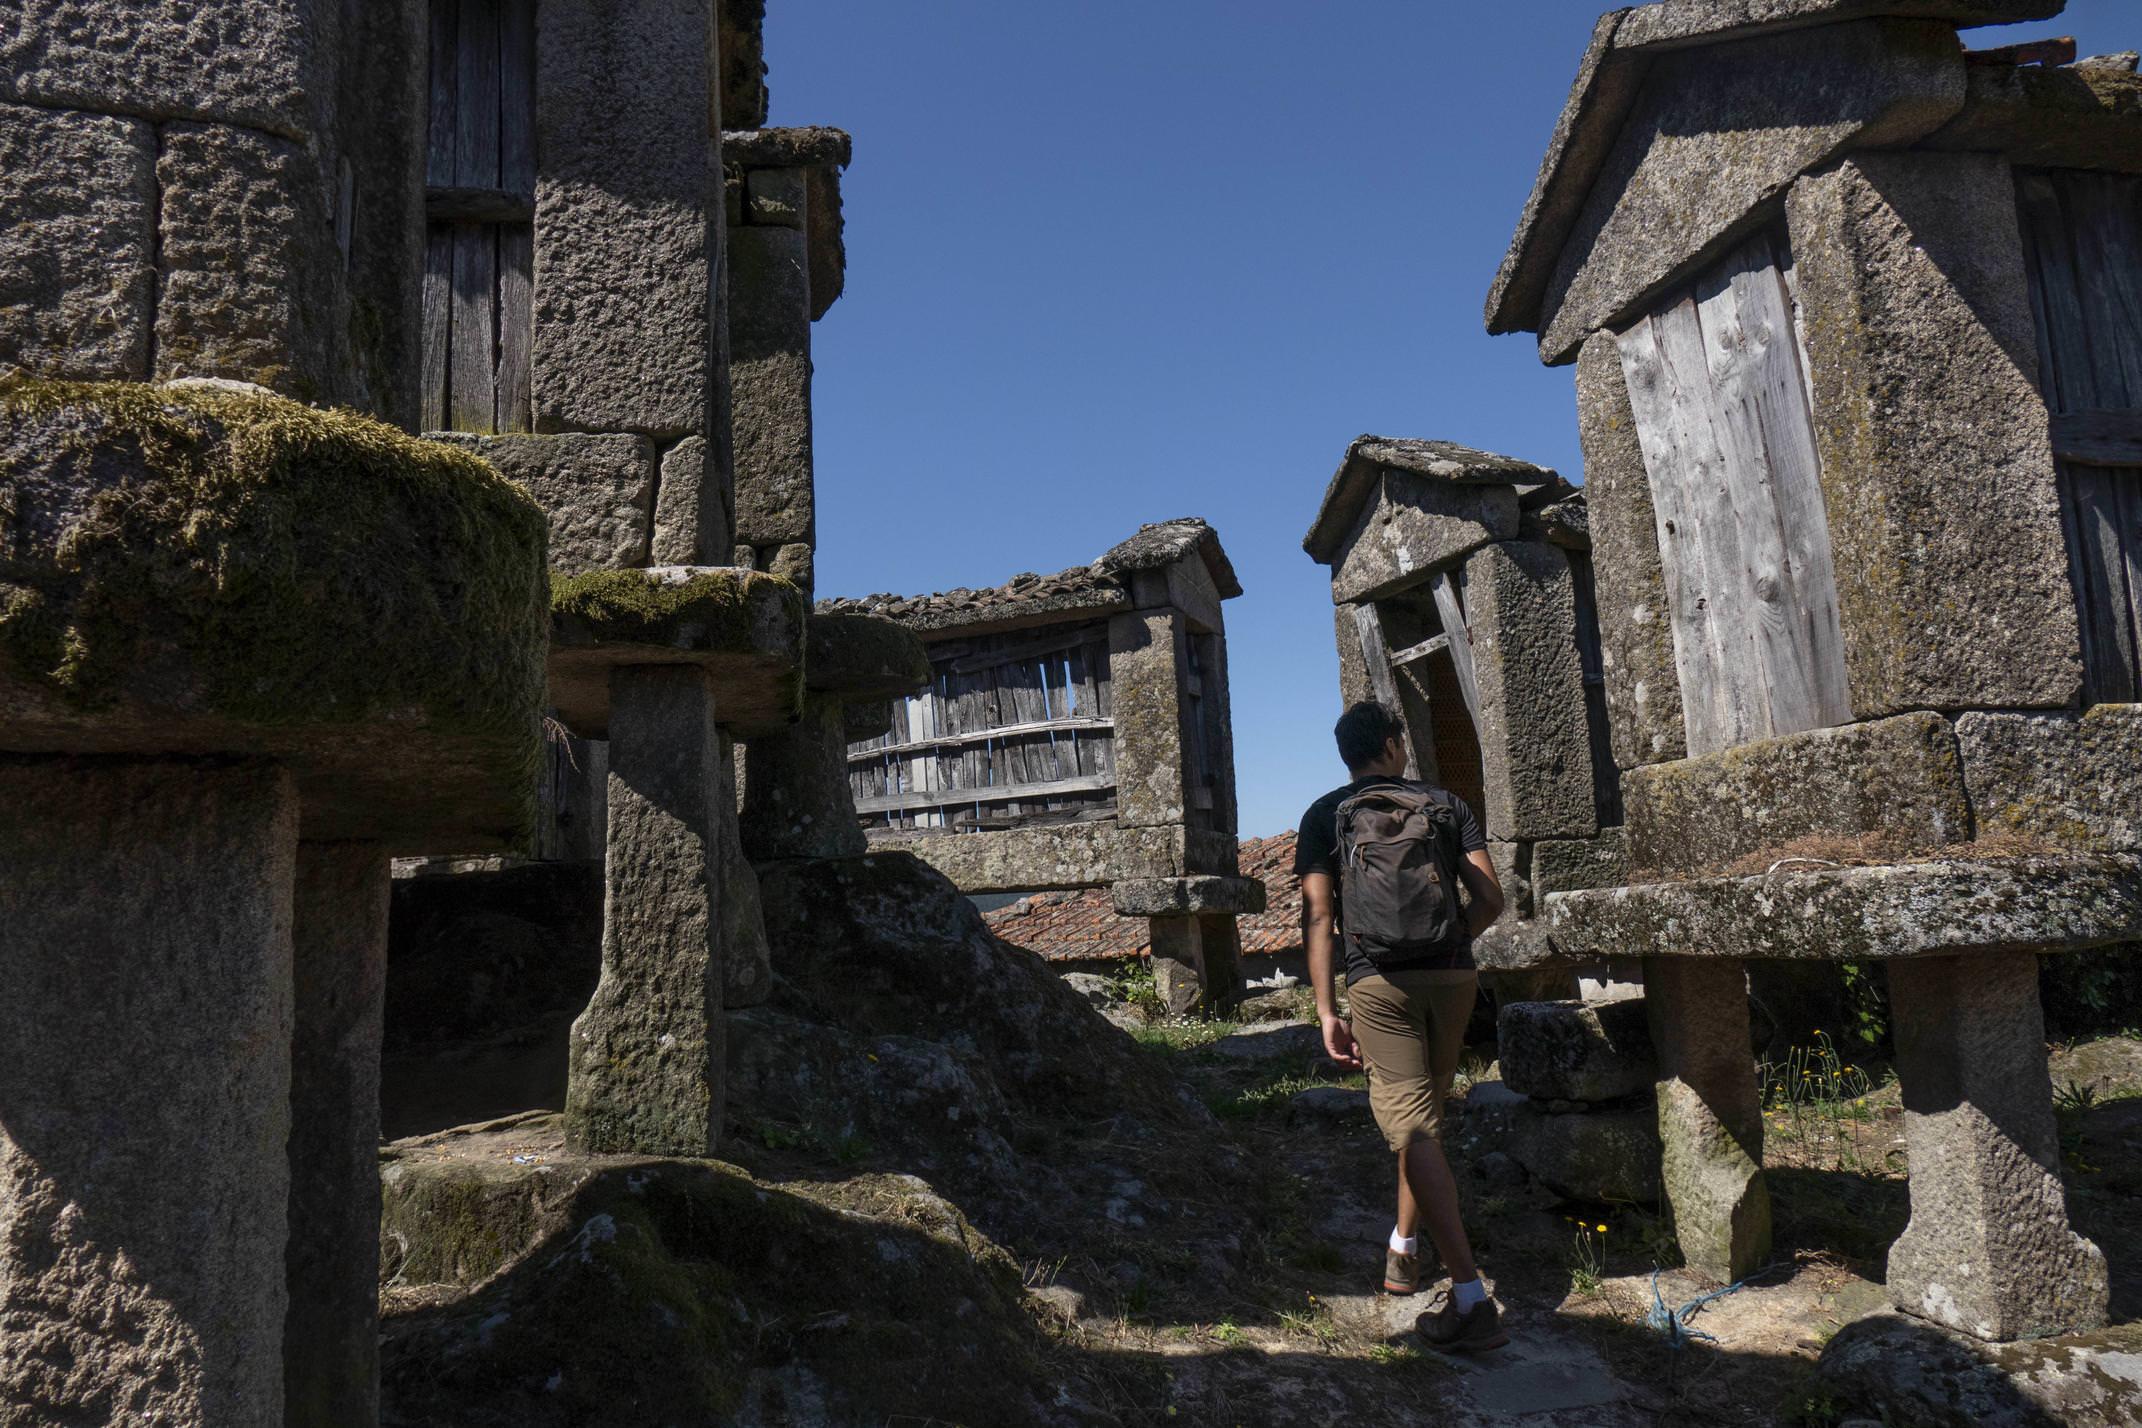 Portugal minho peneda padrao espinheiros laurent back c diego pura